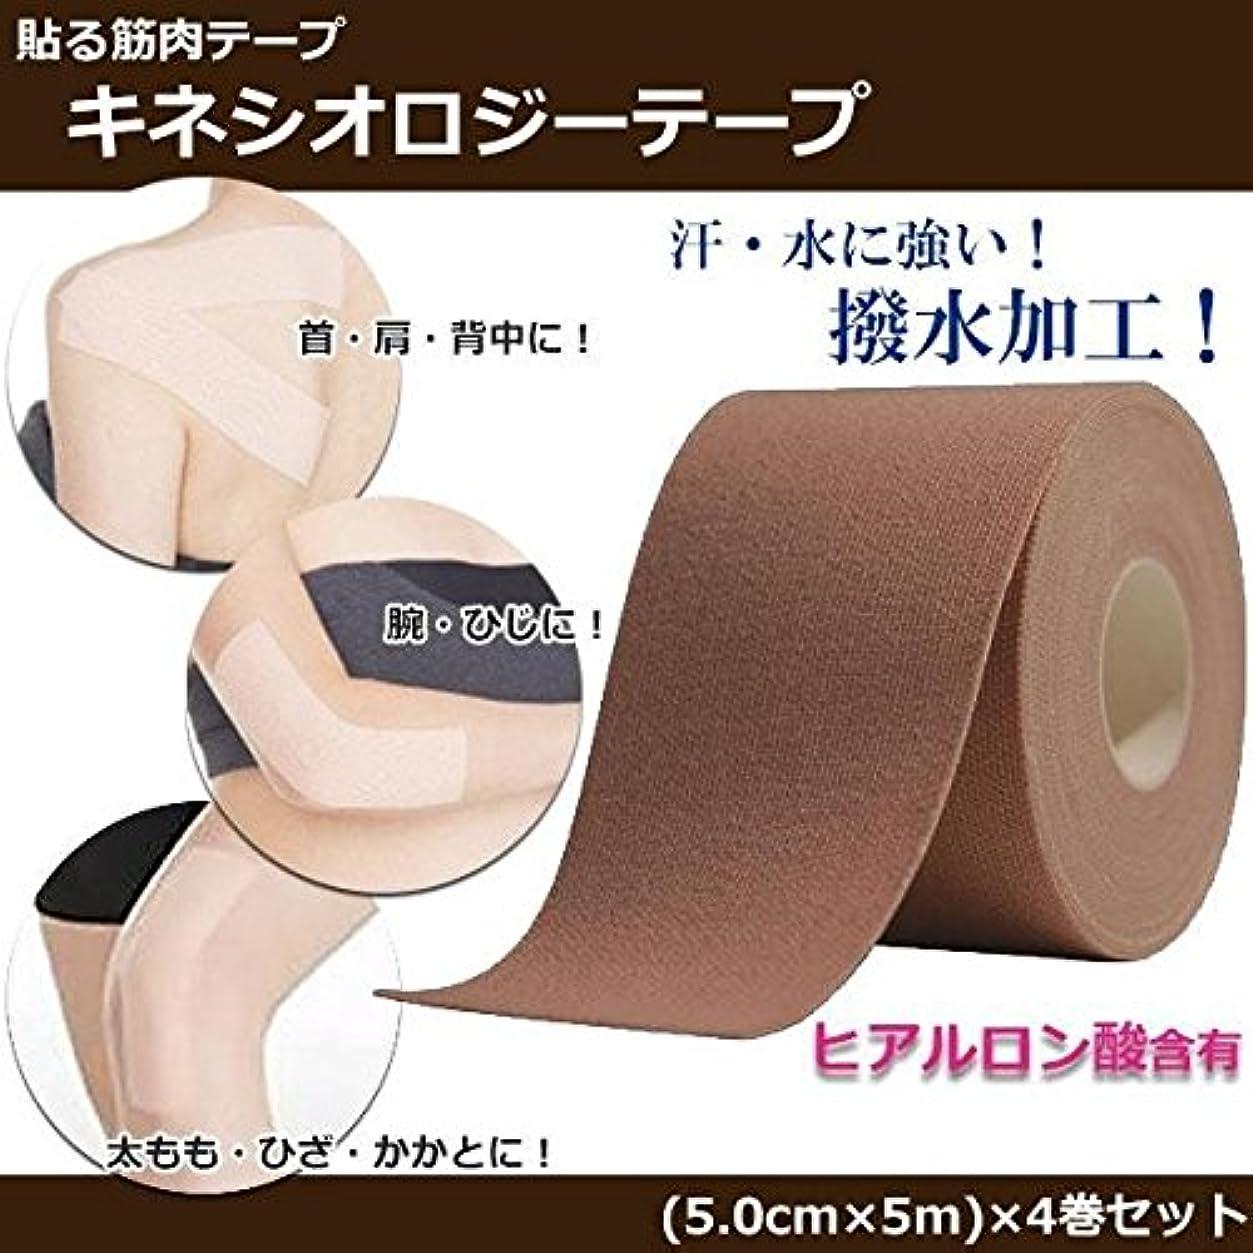 エントリ記事役割貼る筋肉テープ キネシオロジーテープ ヒアルロン酸含有 日本製 4巻セット